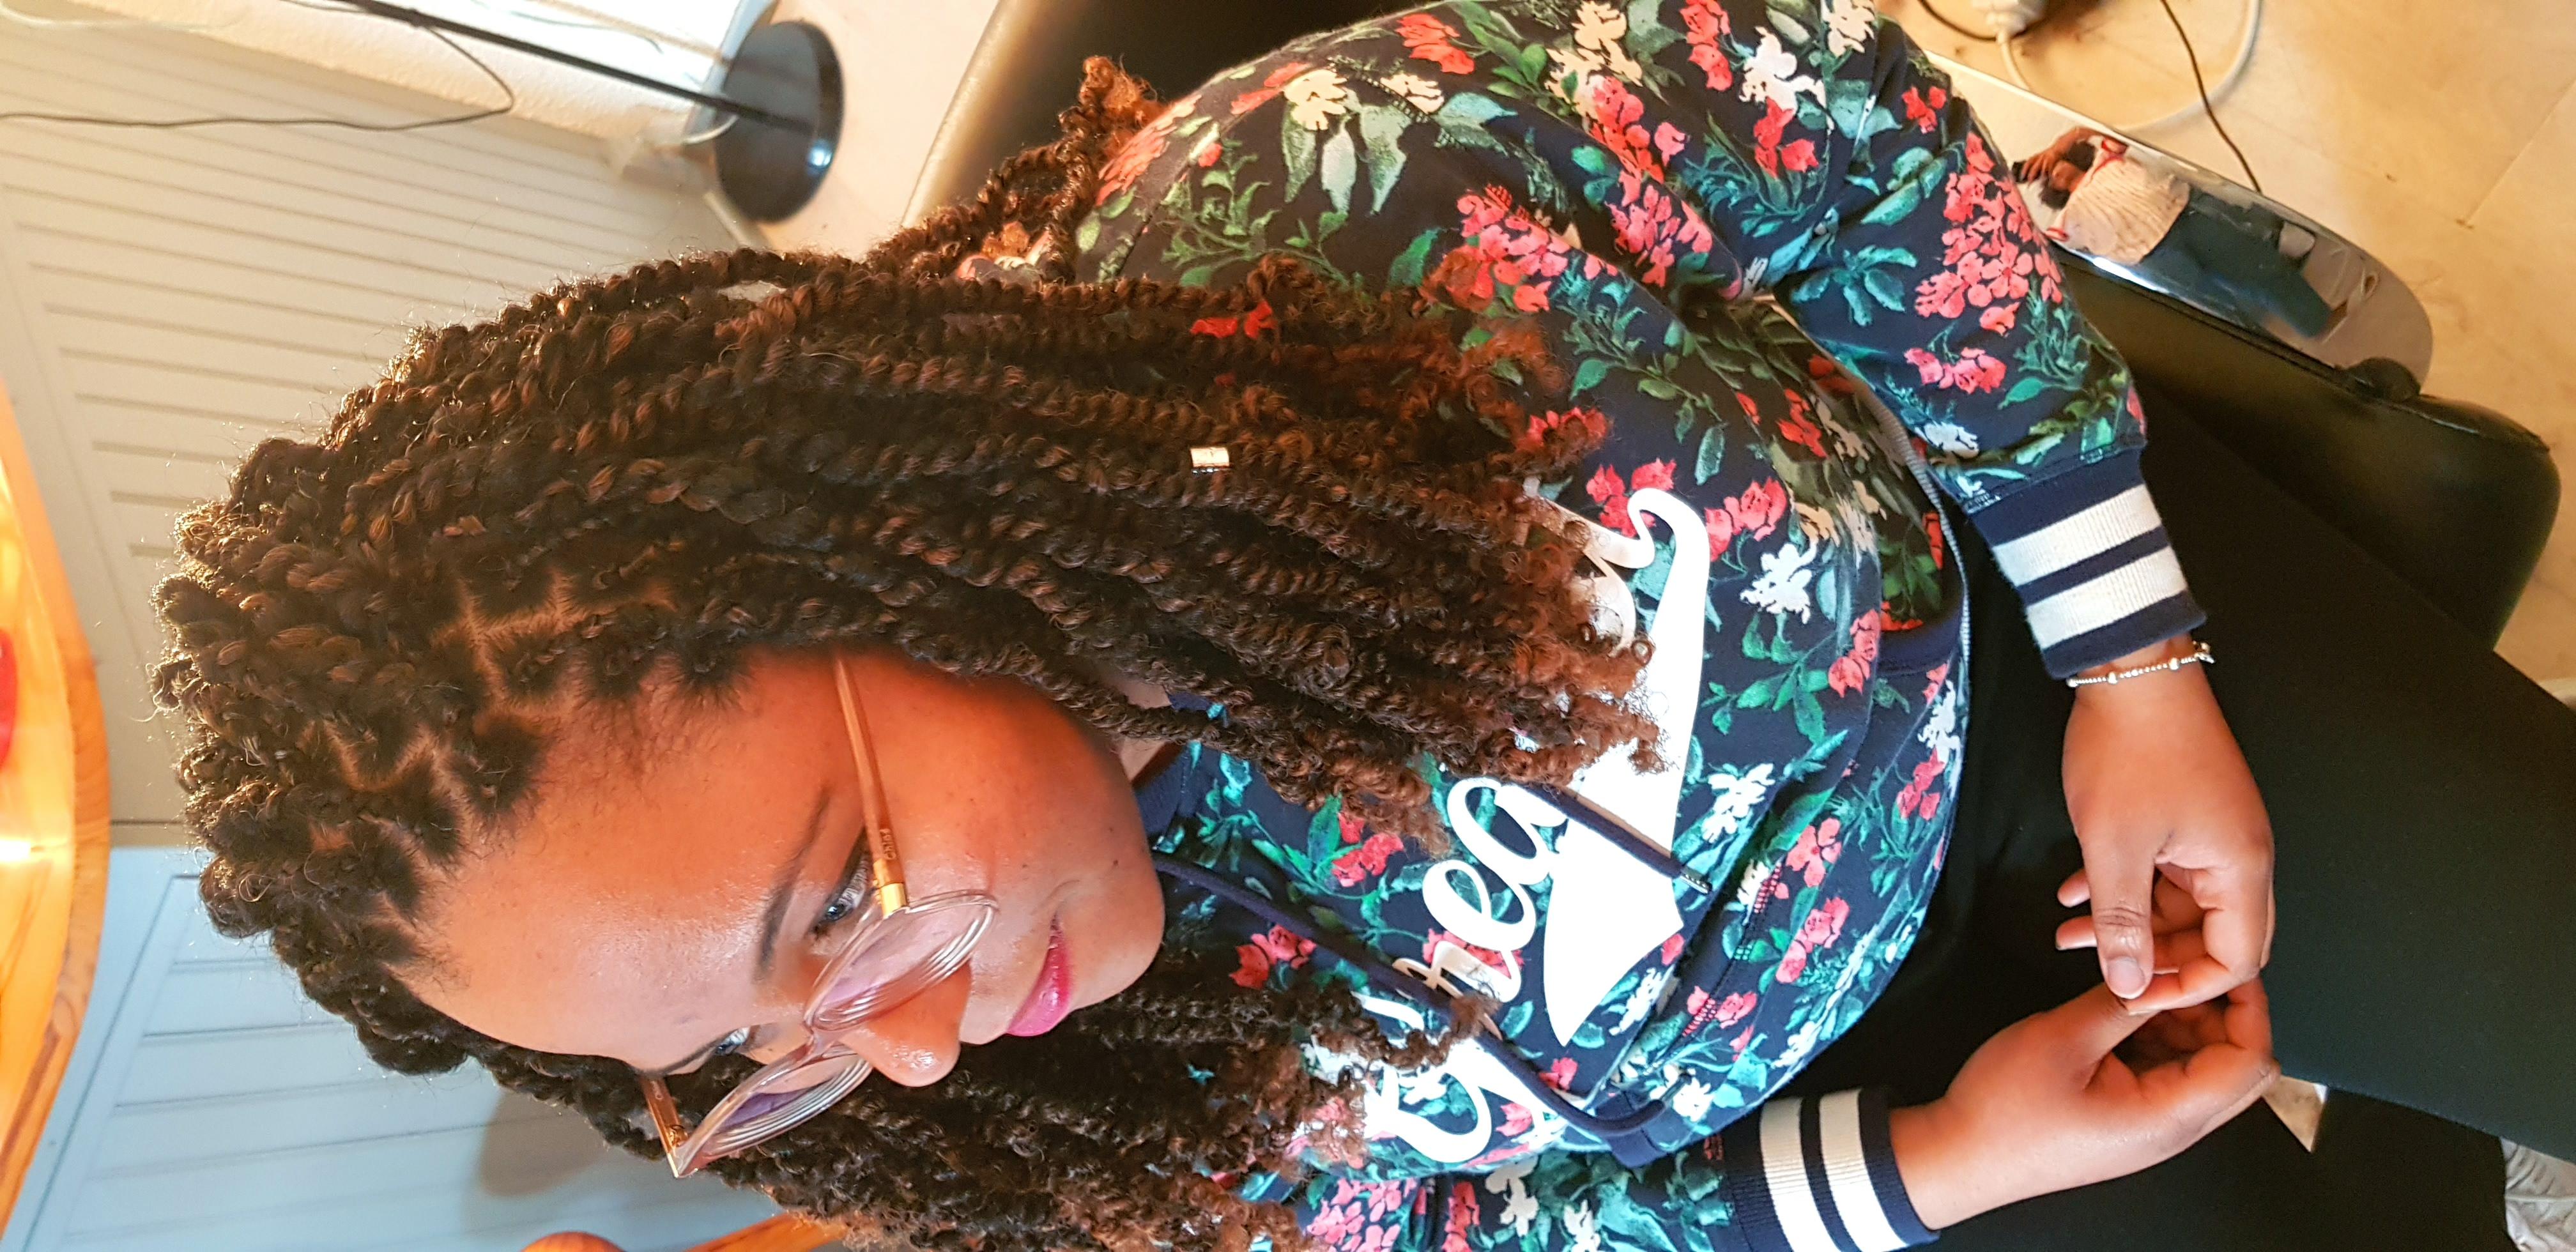 salon de coiffure afro tresse tresses box braids crochet braids vanilles tissages paris 75 77 78 91 92 93 94 95 CLKPHLQE